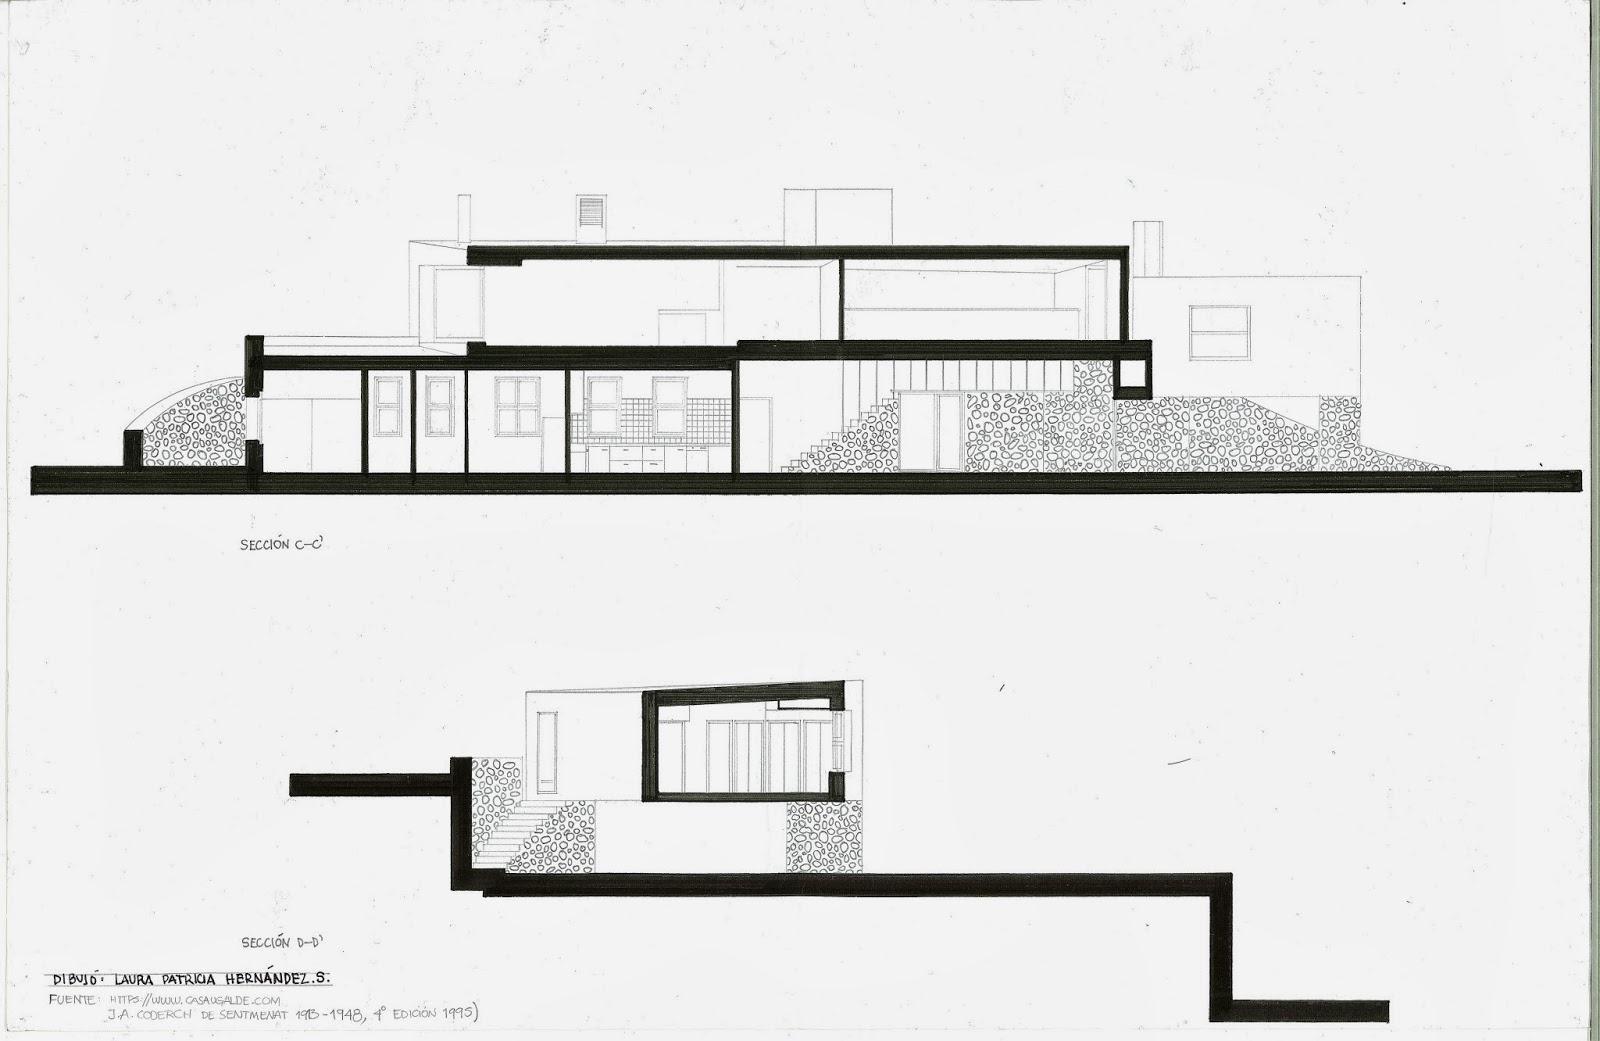 Historia de la arquitectura moderna casa ugalde jose for Historia de la arquitectura moderna